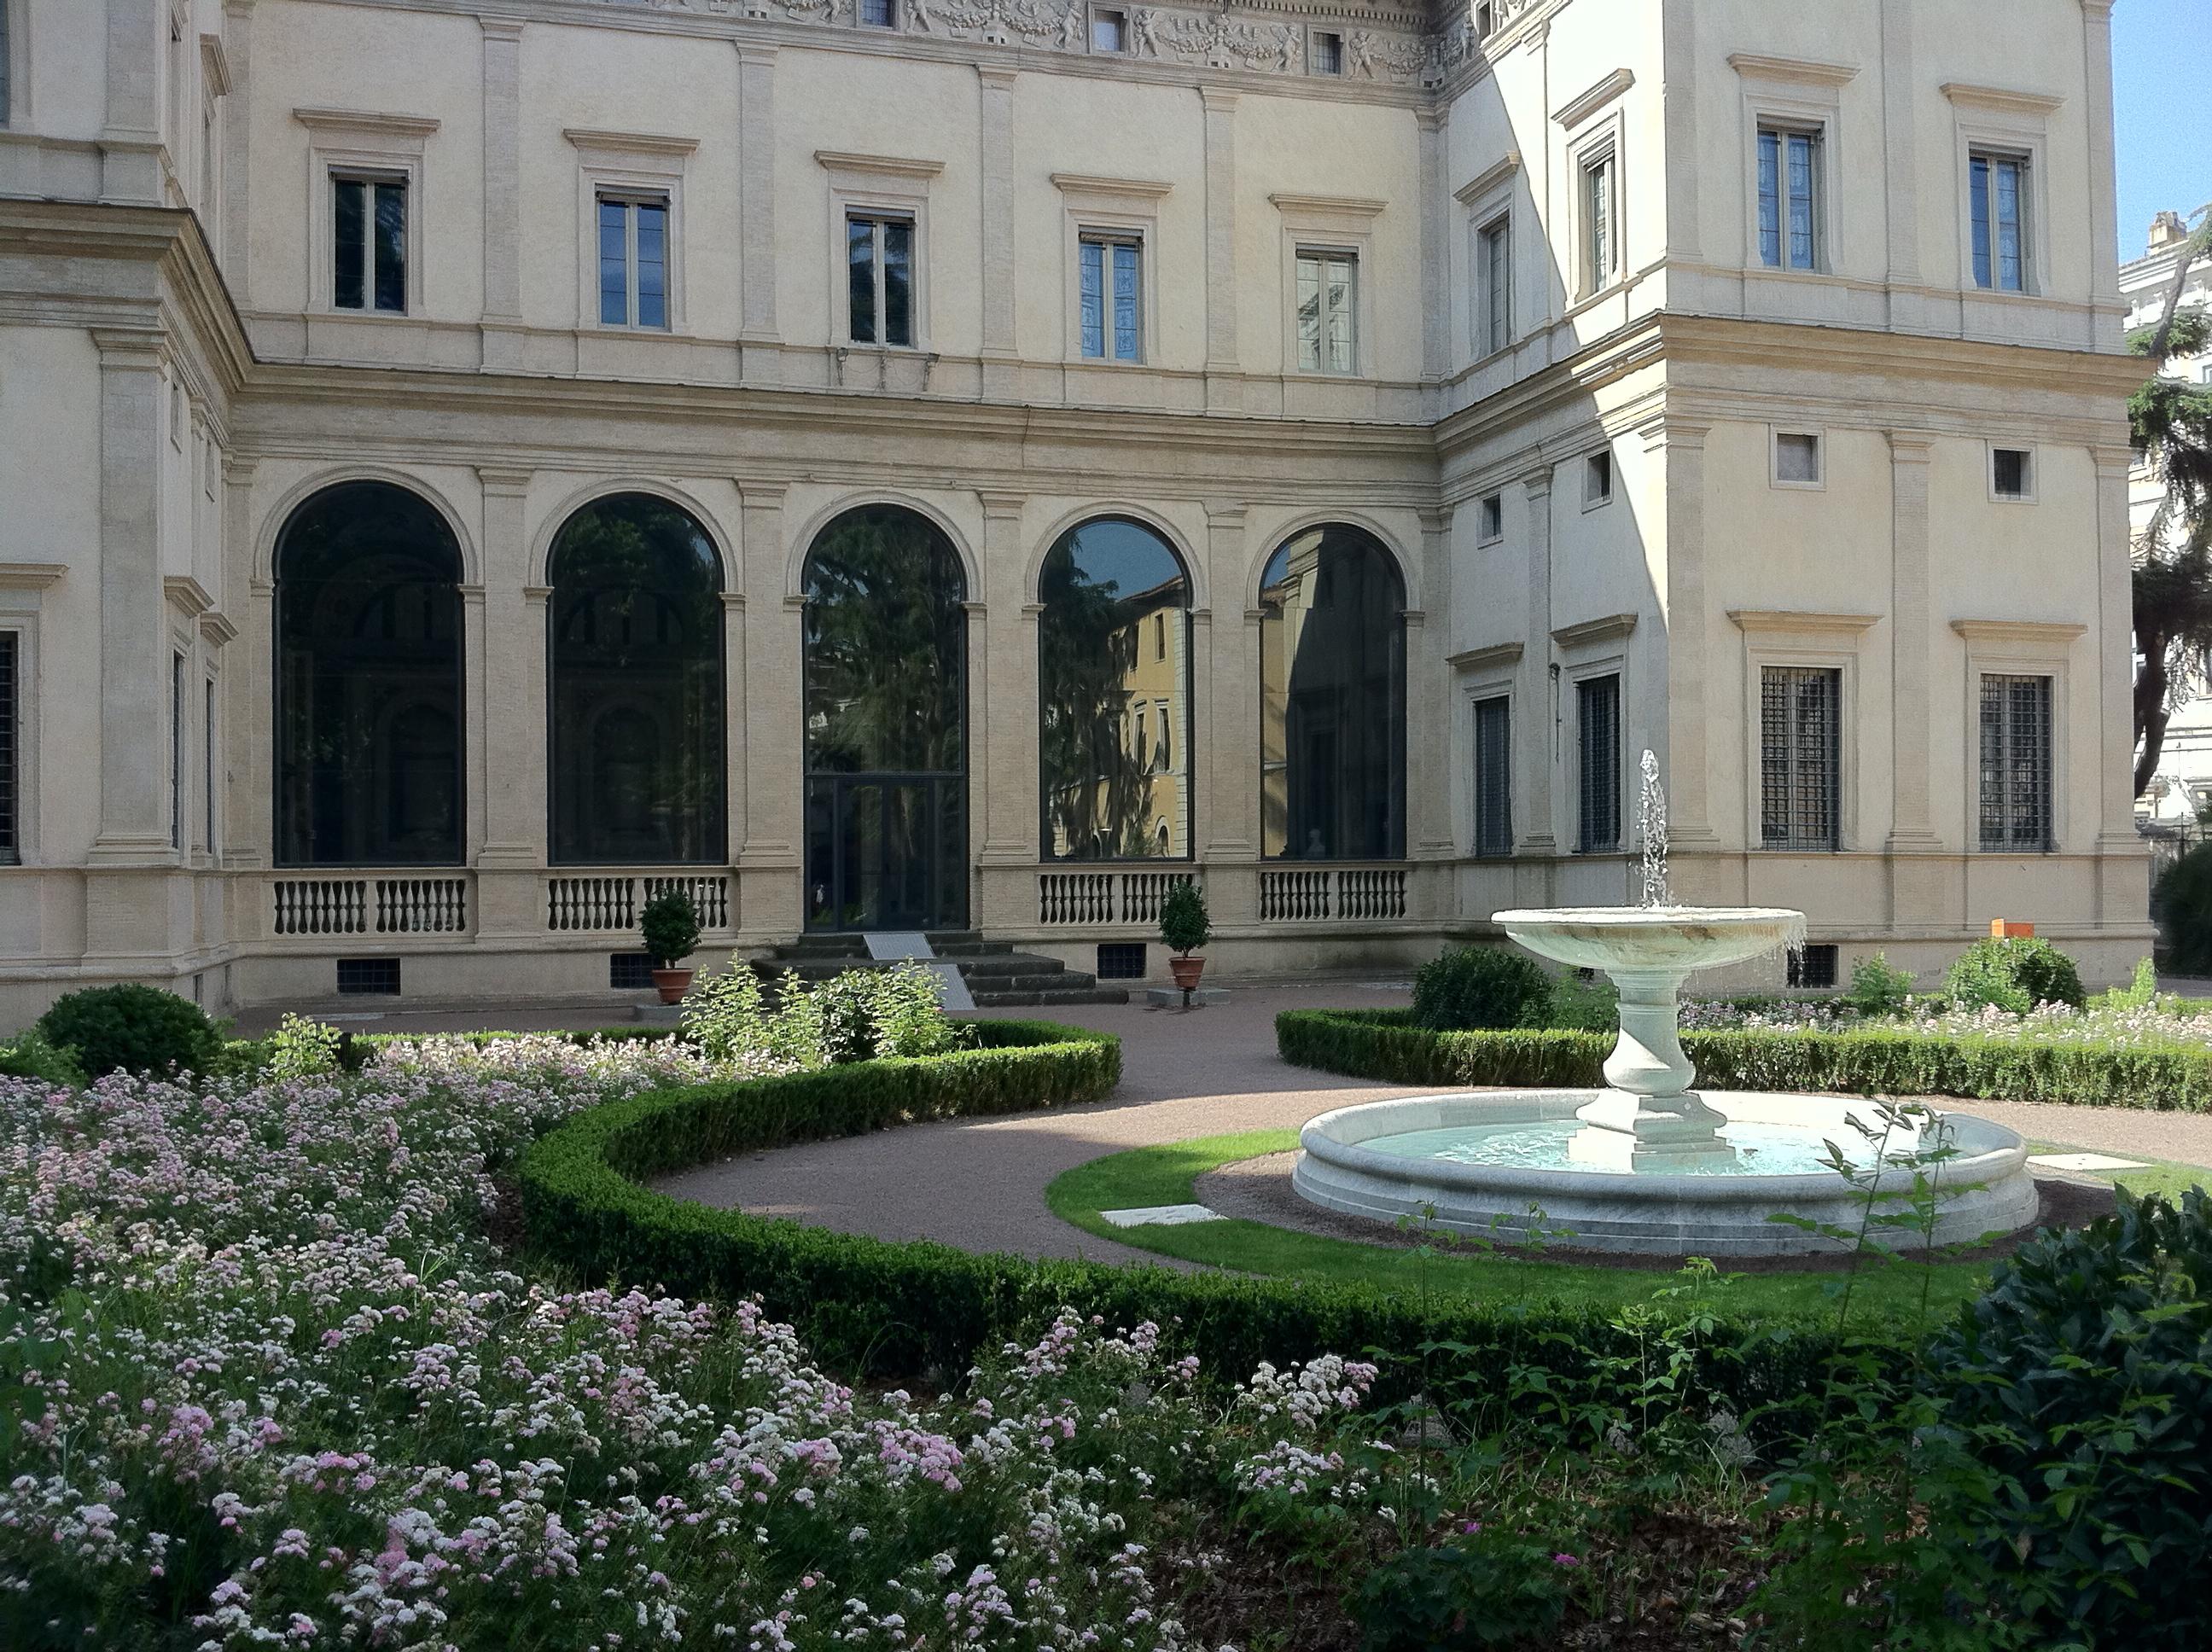 Villa Farnese Rome